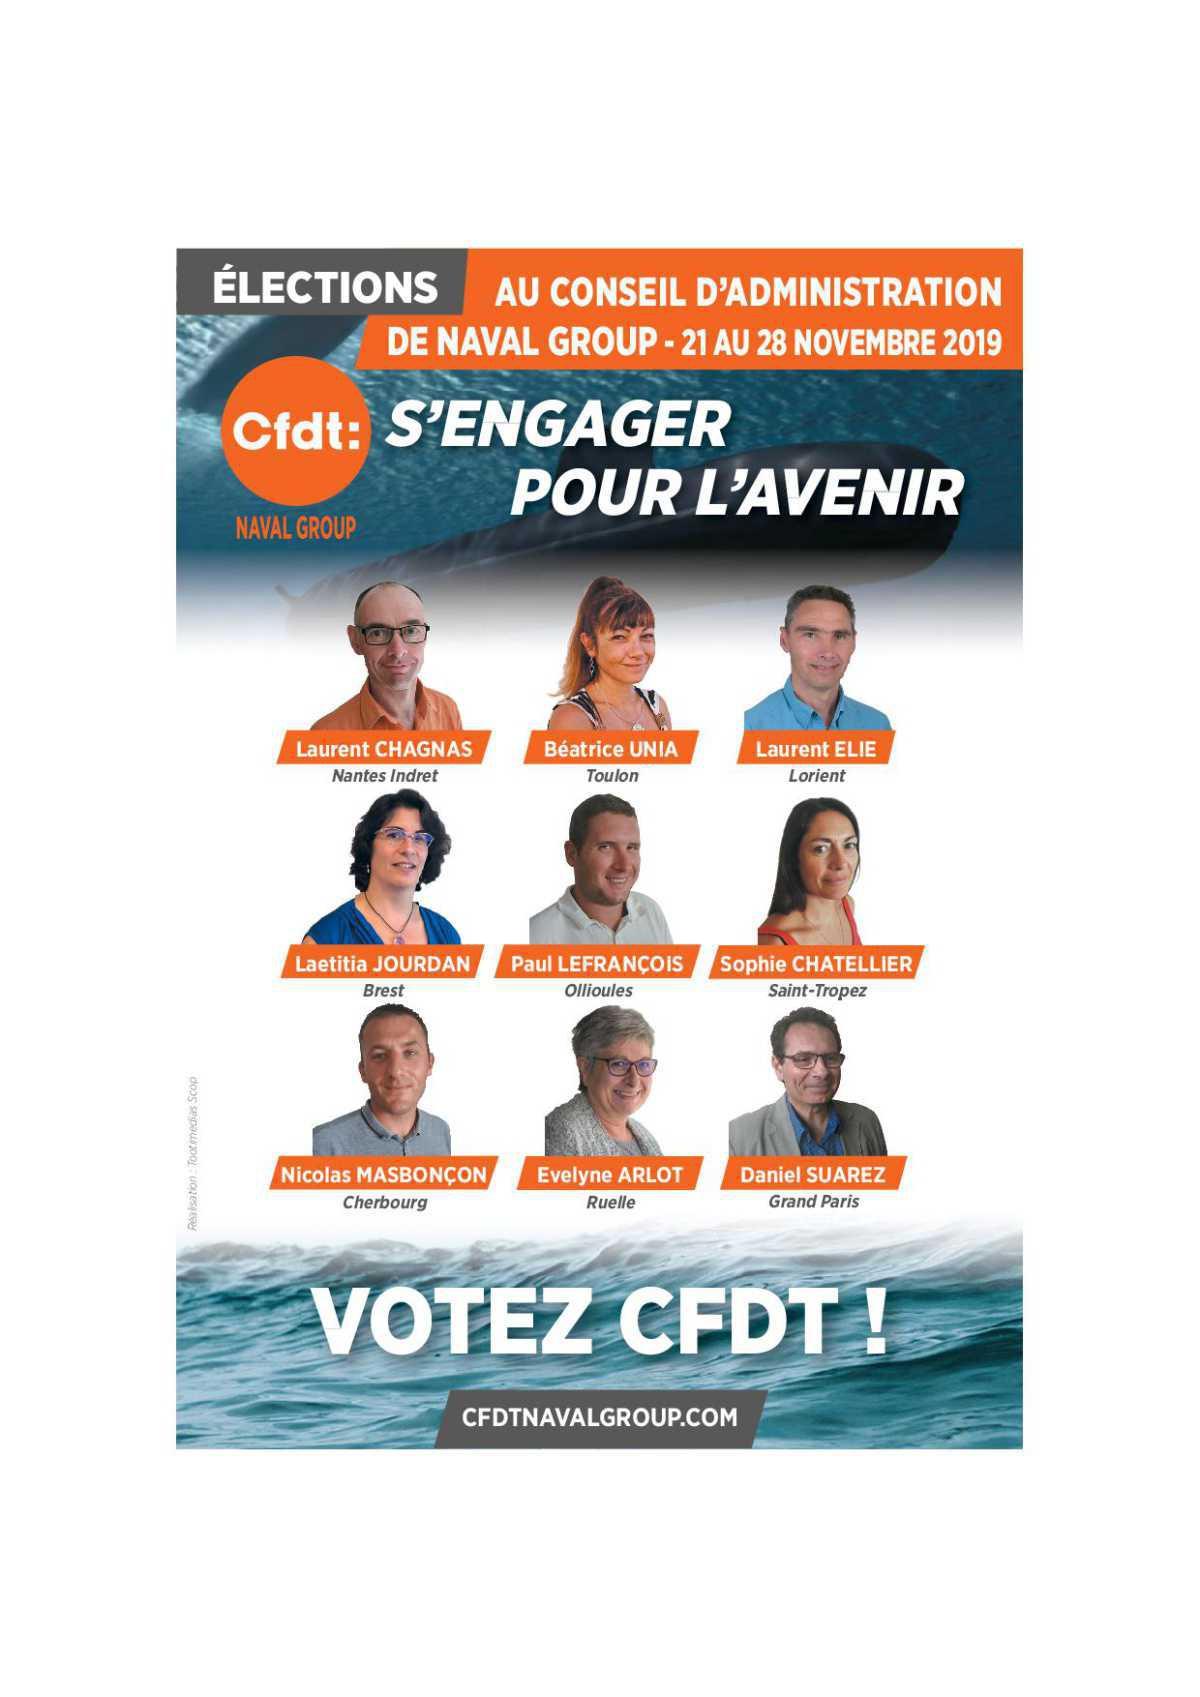 Du 21 au 28 novembre 2019 : VOTEZ CFDT